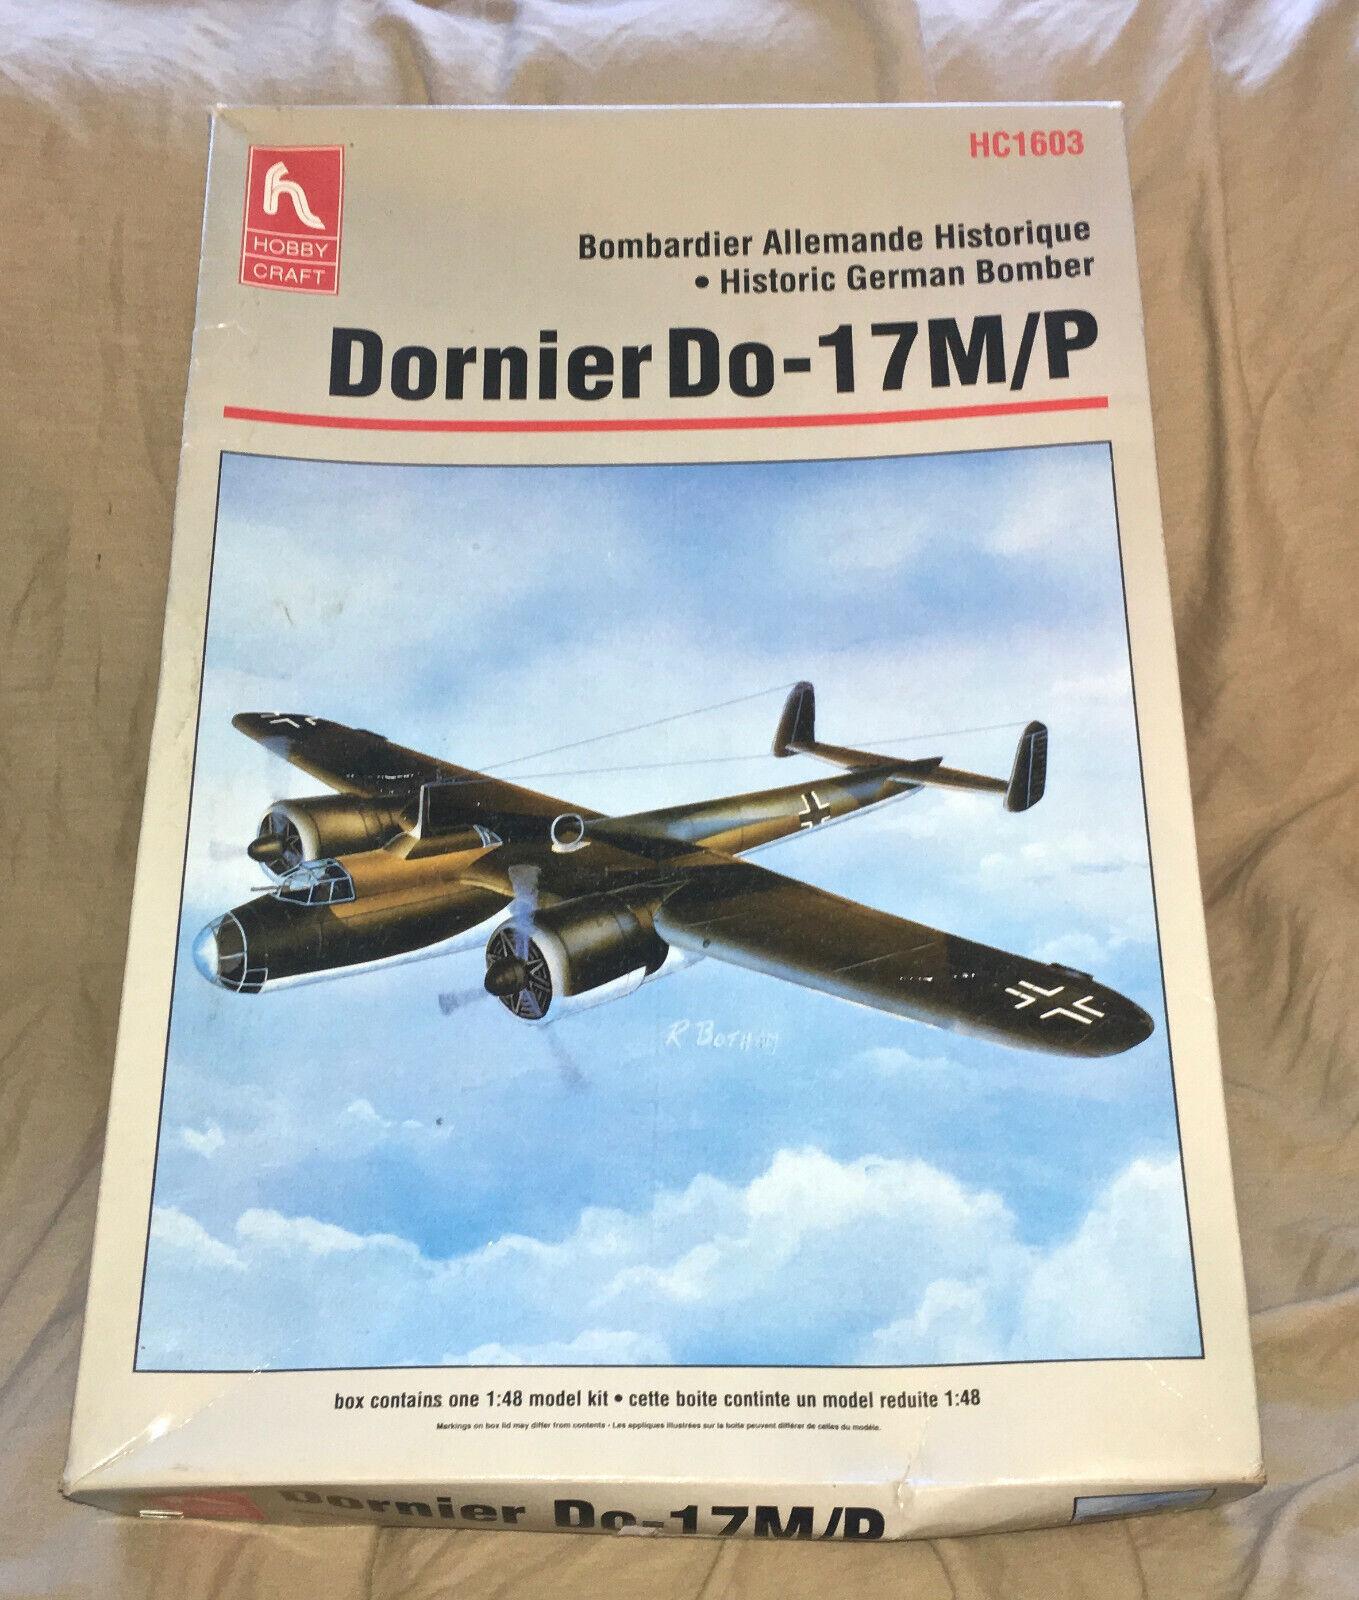 1 48 Hobby Craft Historic German Bomber Dornier Do- 17 M P KitHC 1603